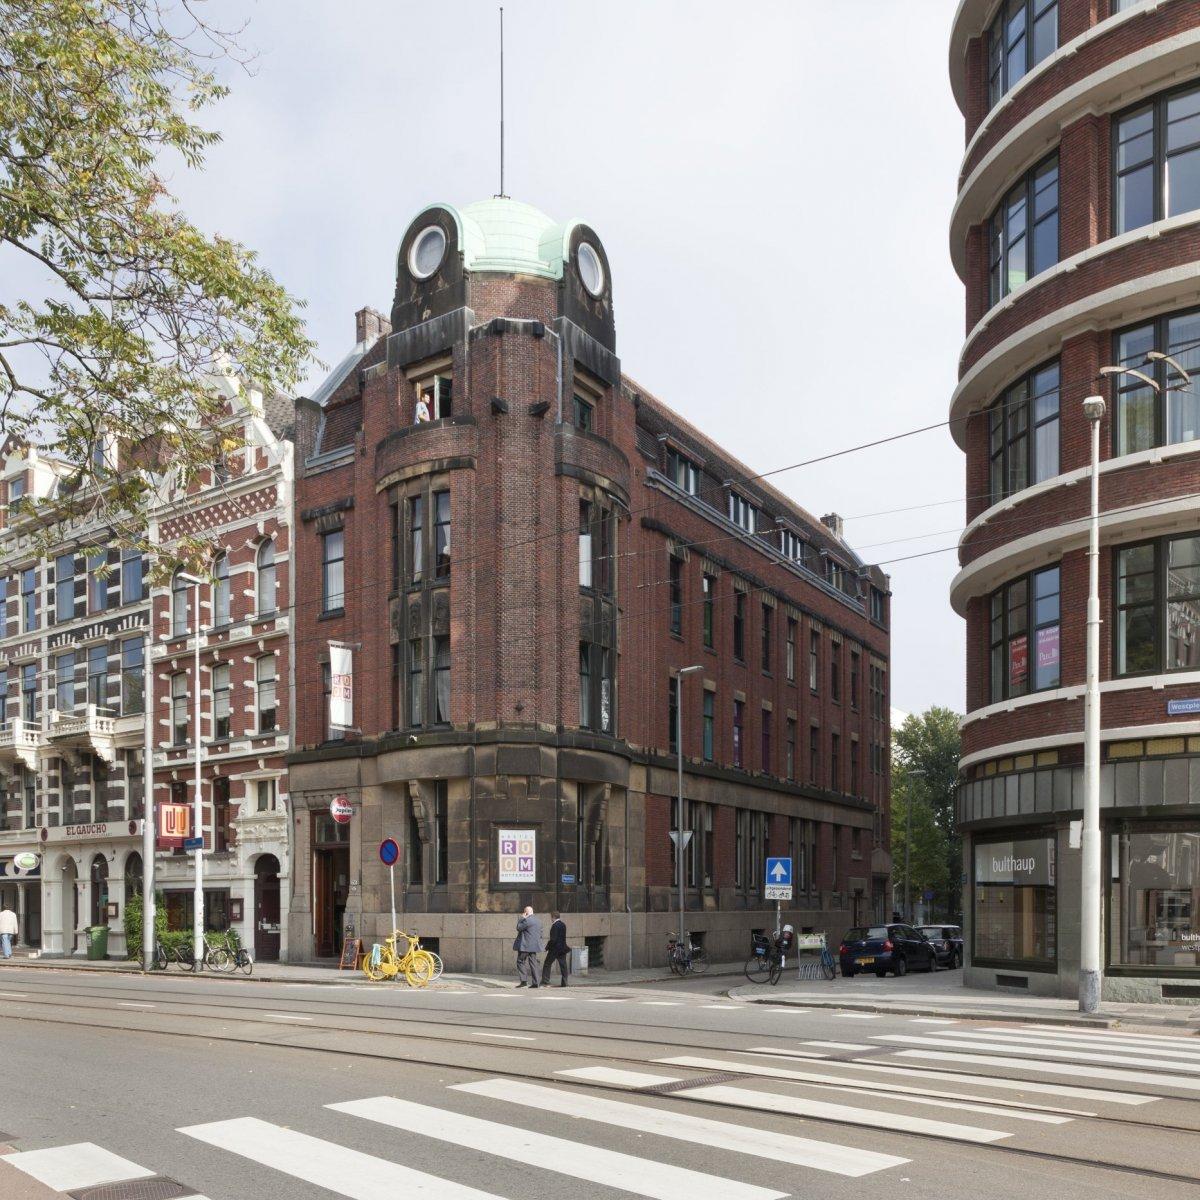 Kantoorpand in expressionistische stijl in rotterdam monument - Expressionistische architectuur ...